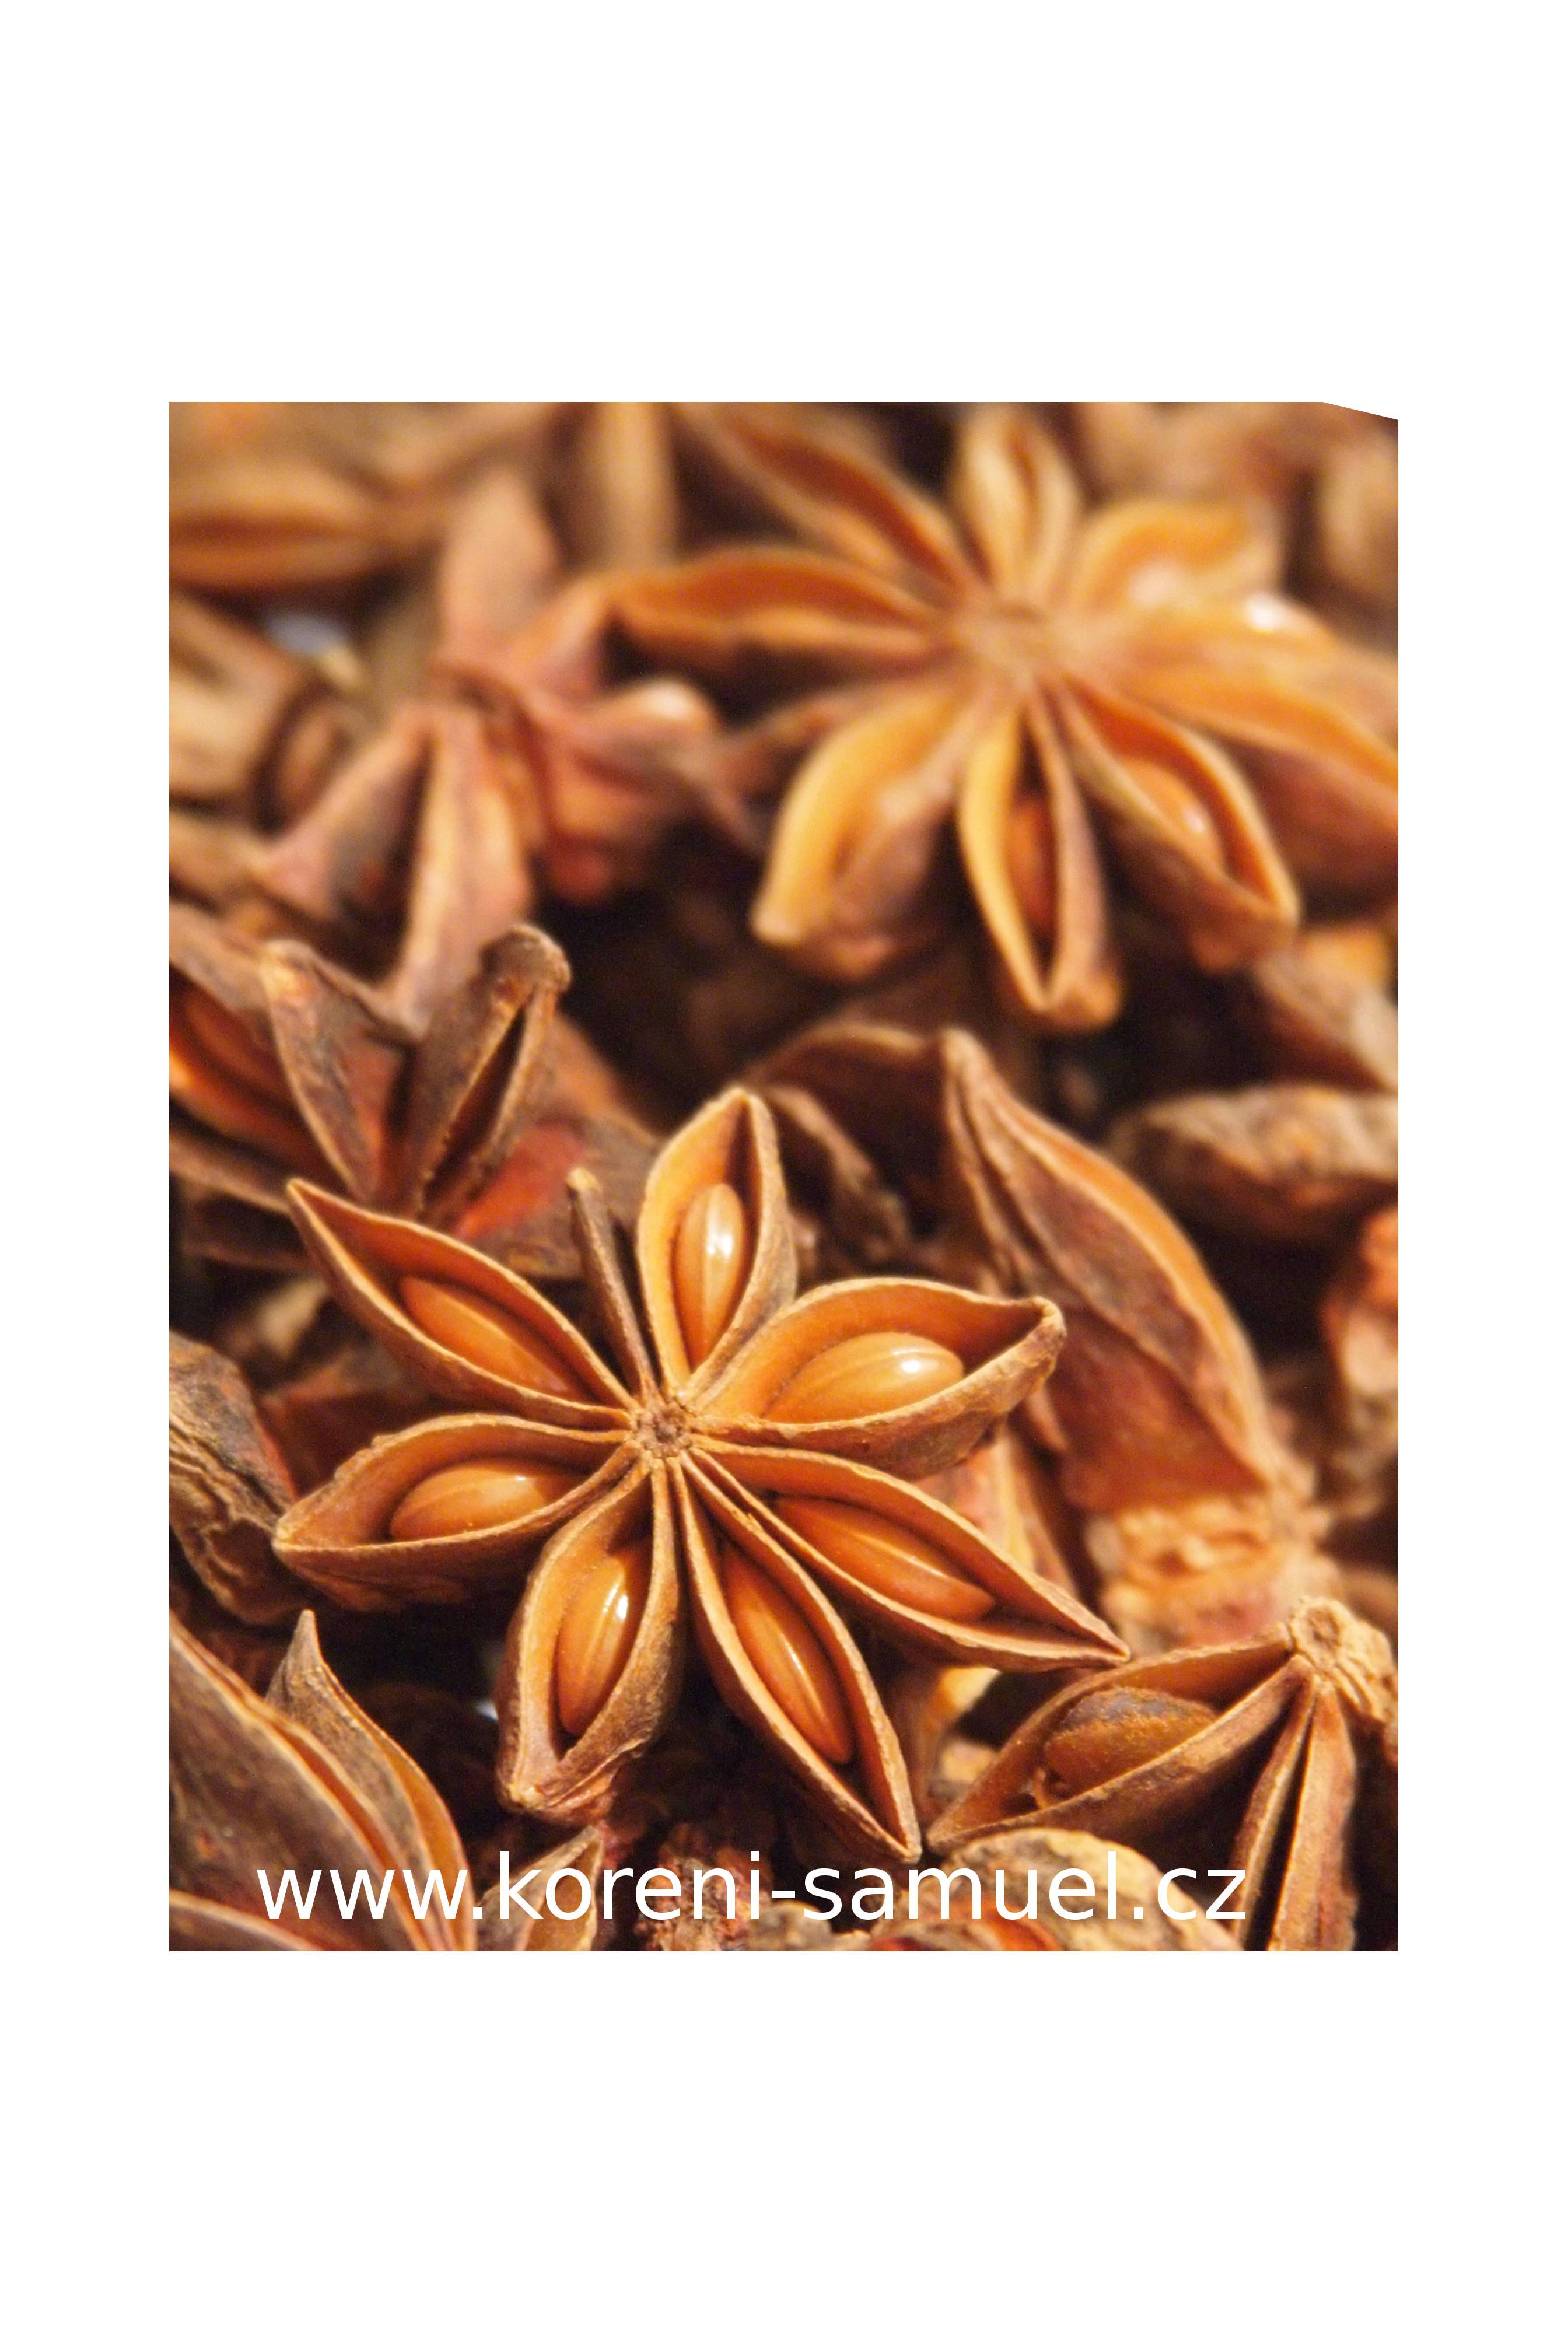 Bio badyán hvězdice mletá